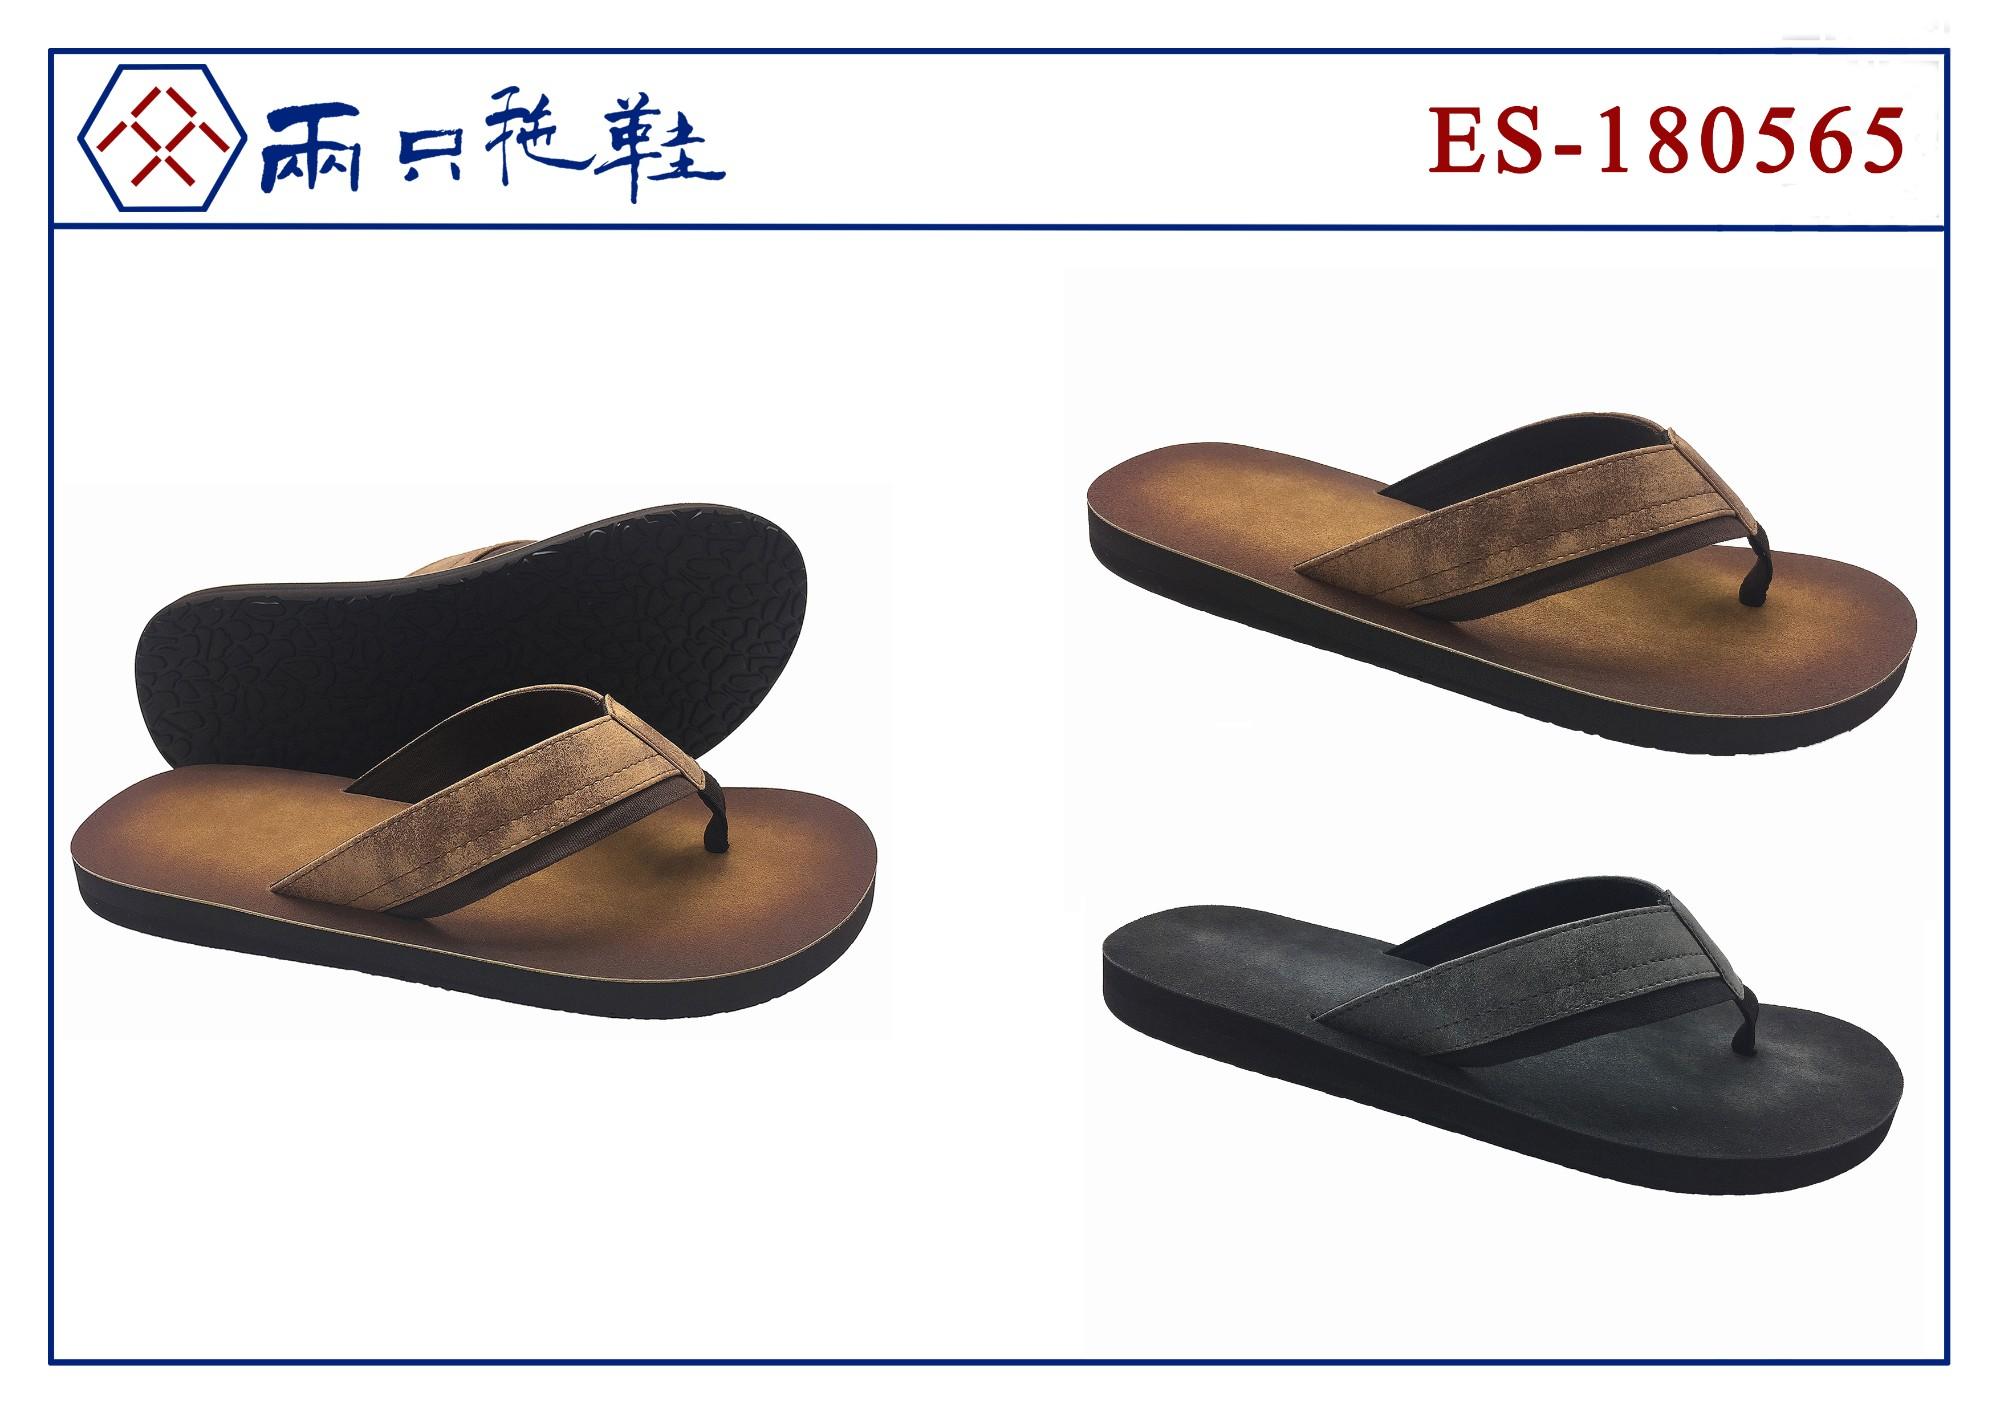 PU upper flip-flops